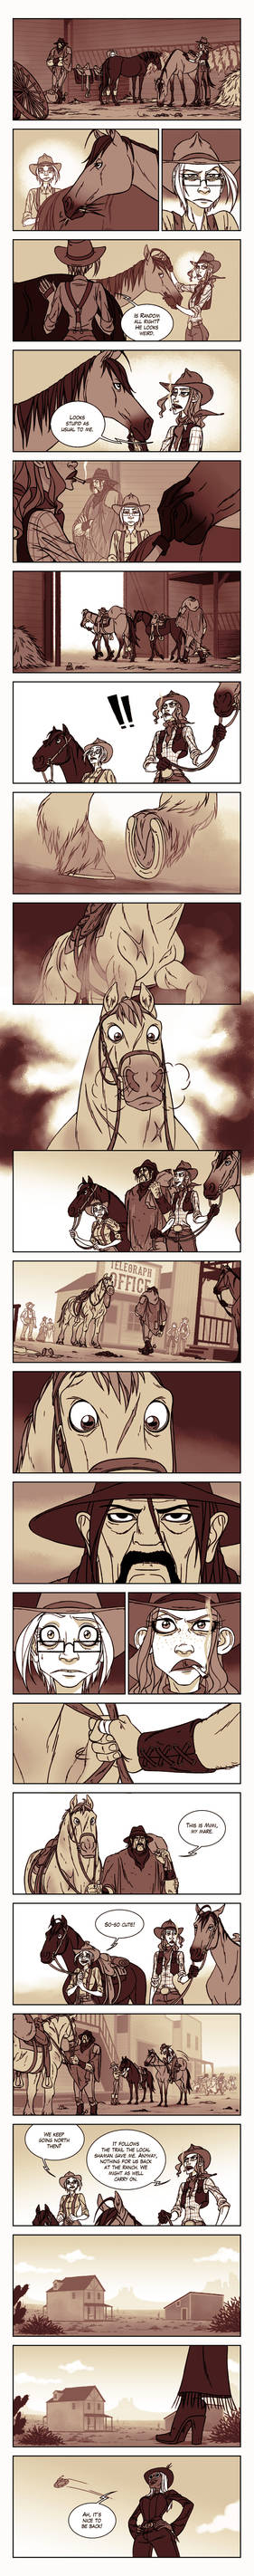 Jo strip 61